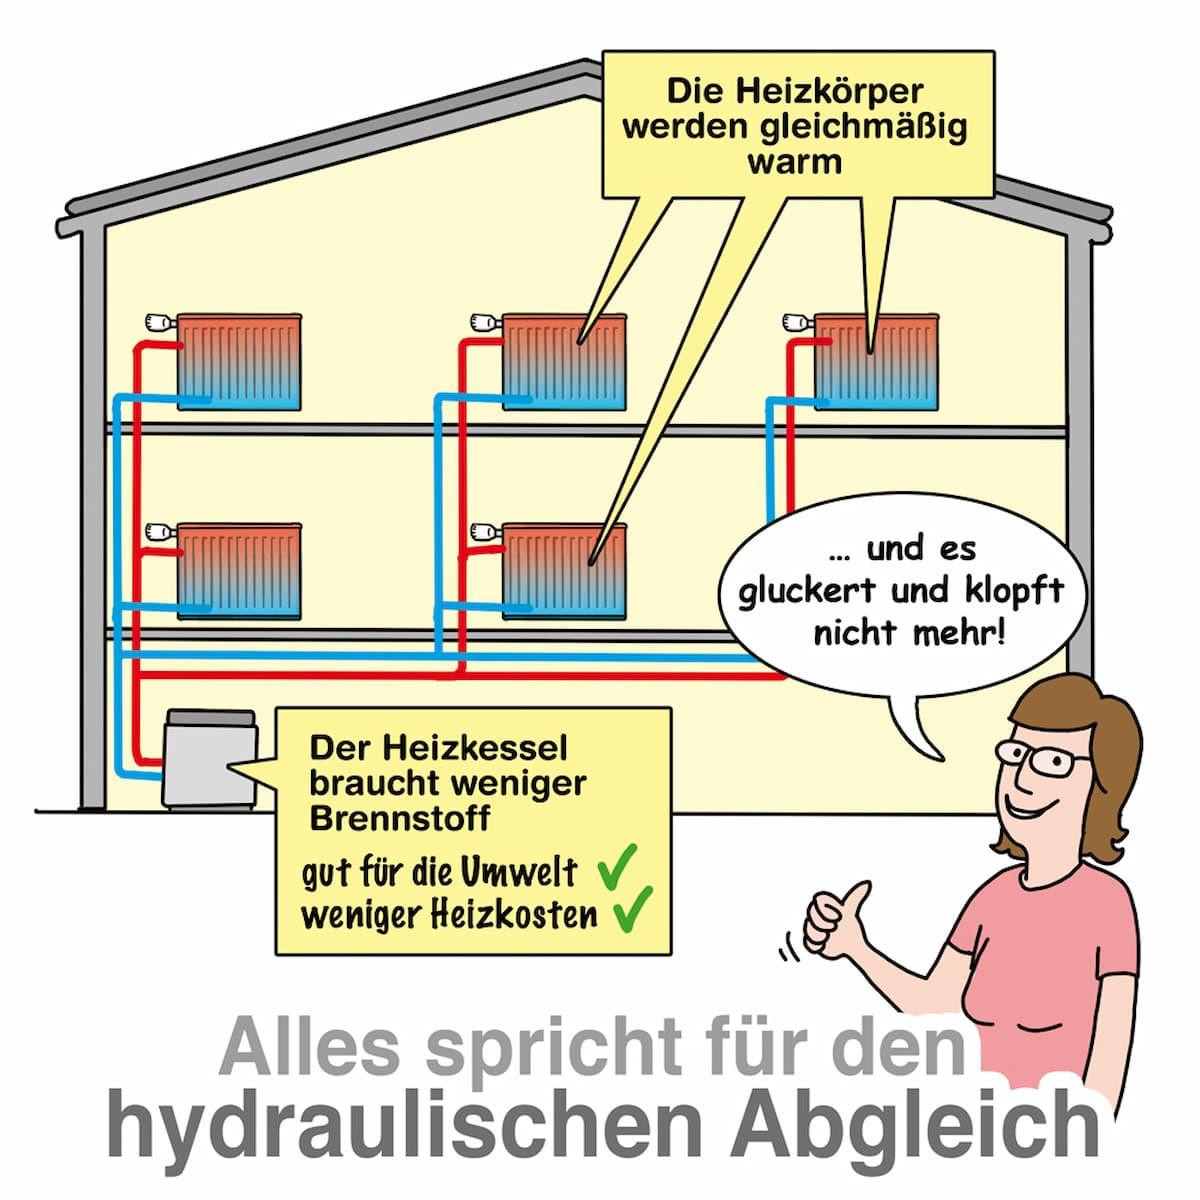 Nach dem hydraulischen Abgleich werden alle Heizkörper gleichmäßig warm